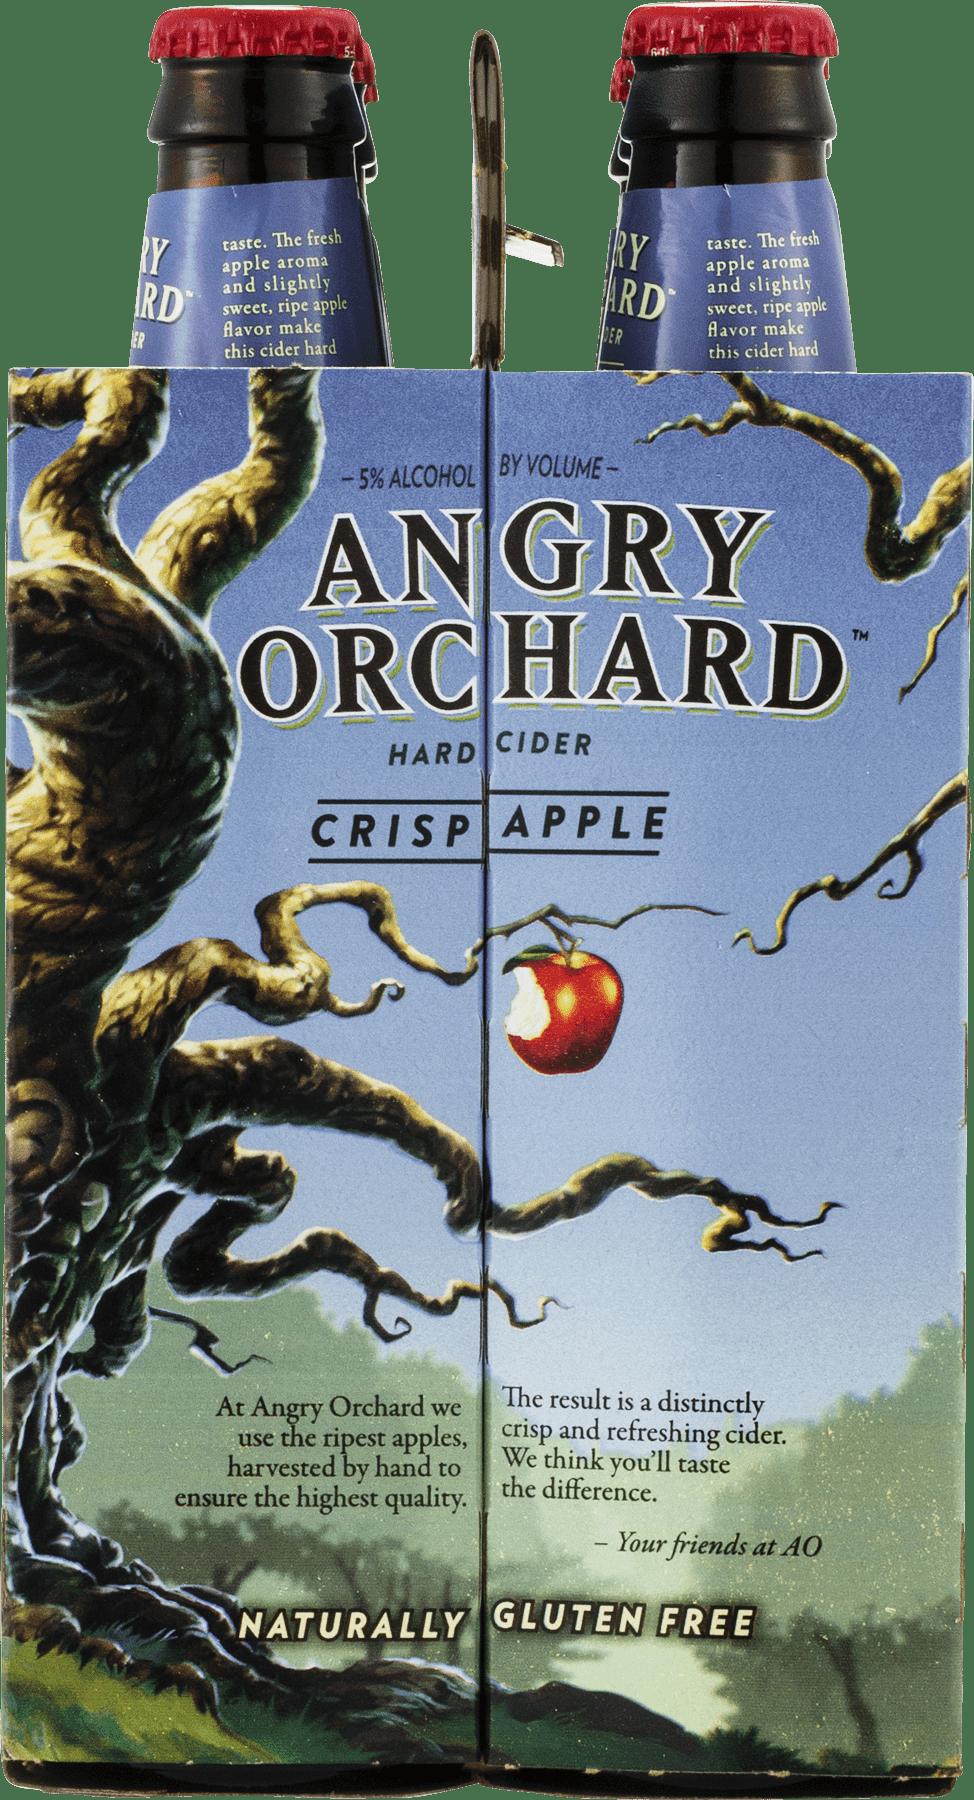 Angry Orchard Crisp Apple Hard Cider, 6 pack, 12 fl oz - Walmart.com